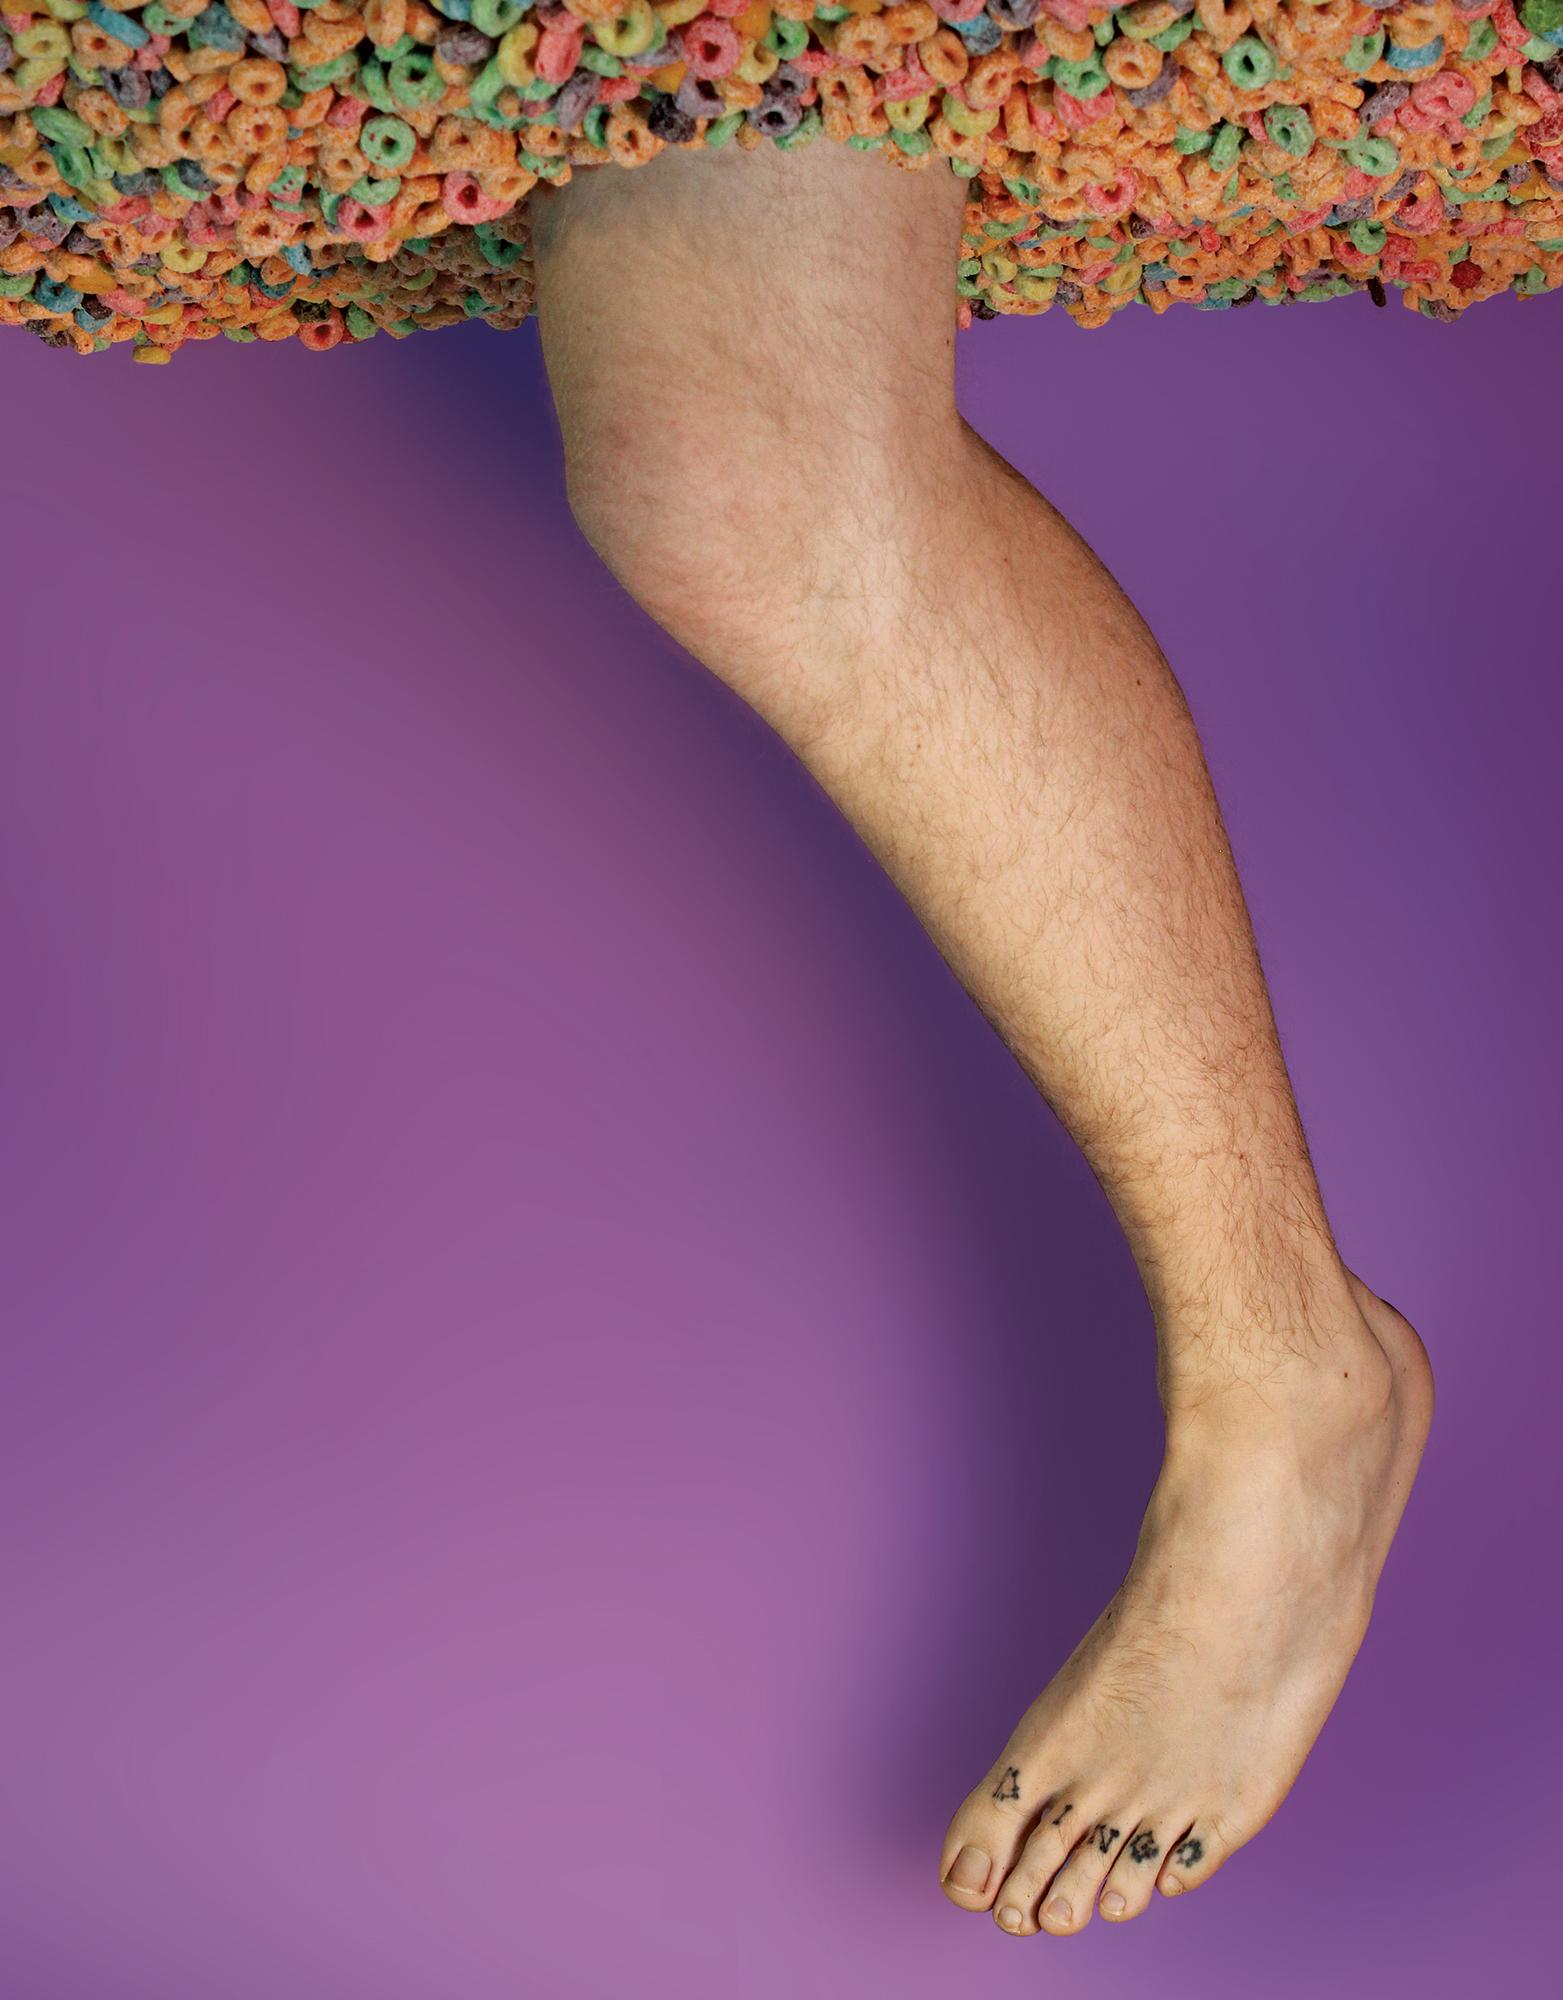 stank-rag-cereal-foot.jpg